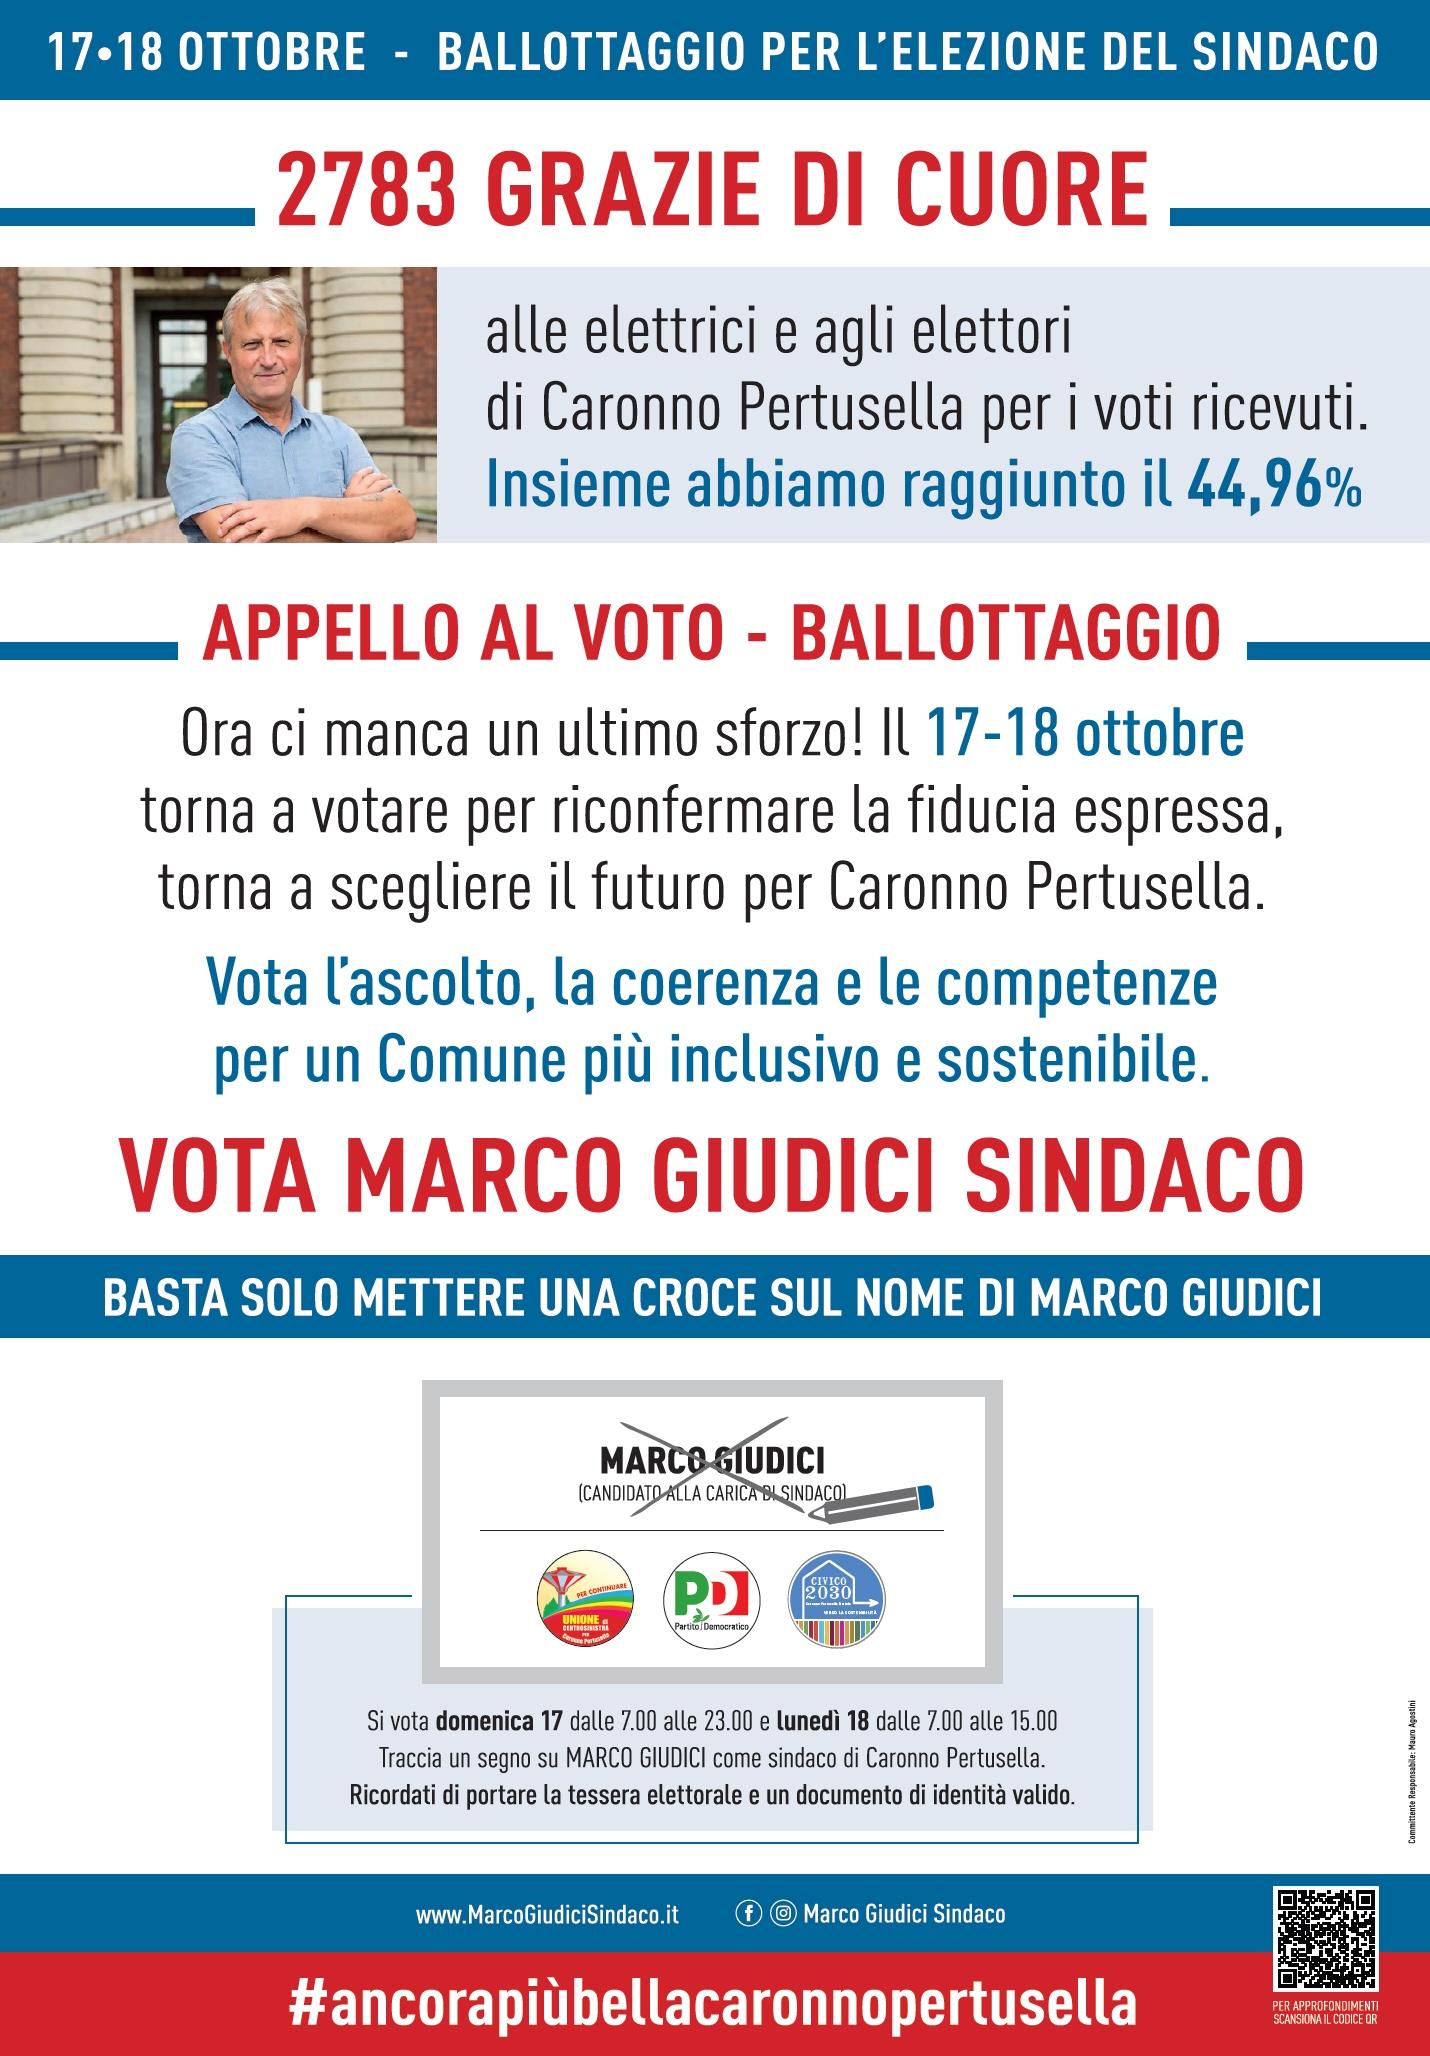 Ringraziamento agli elettori ed Appello per il ballottaggio